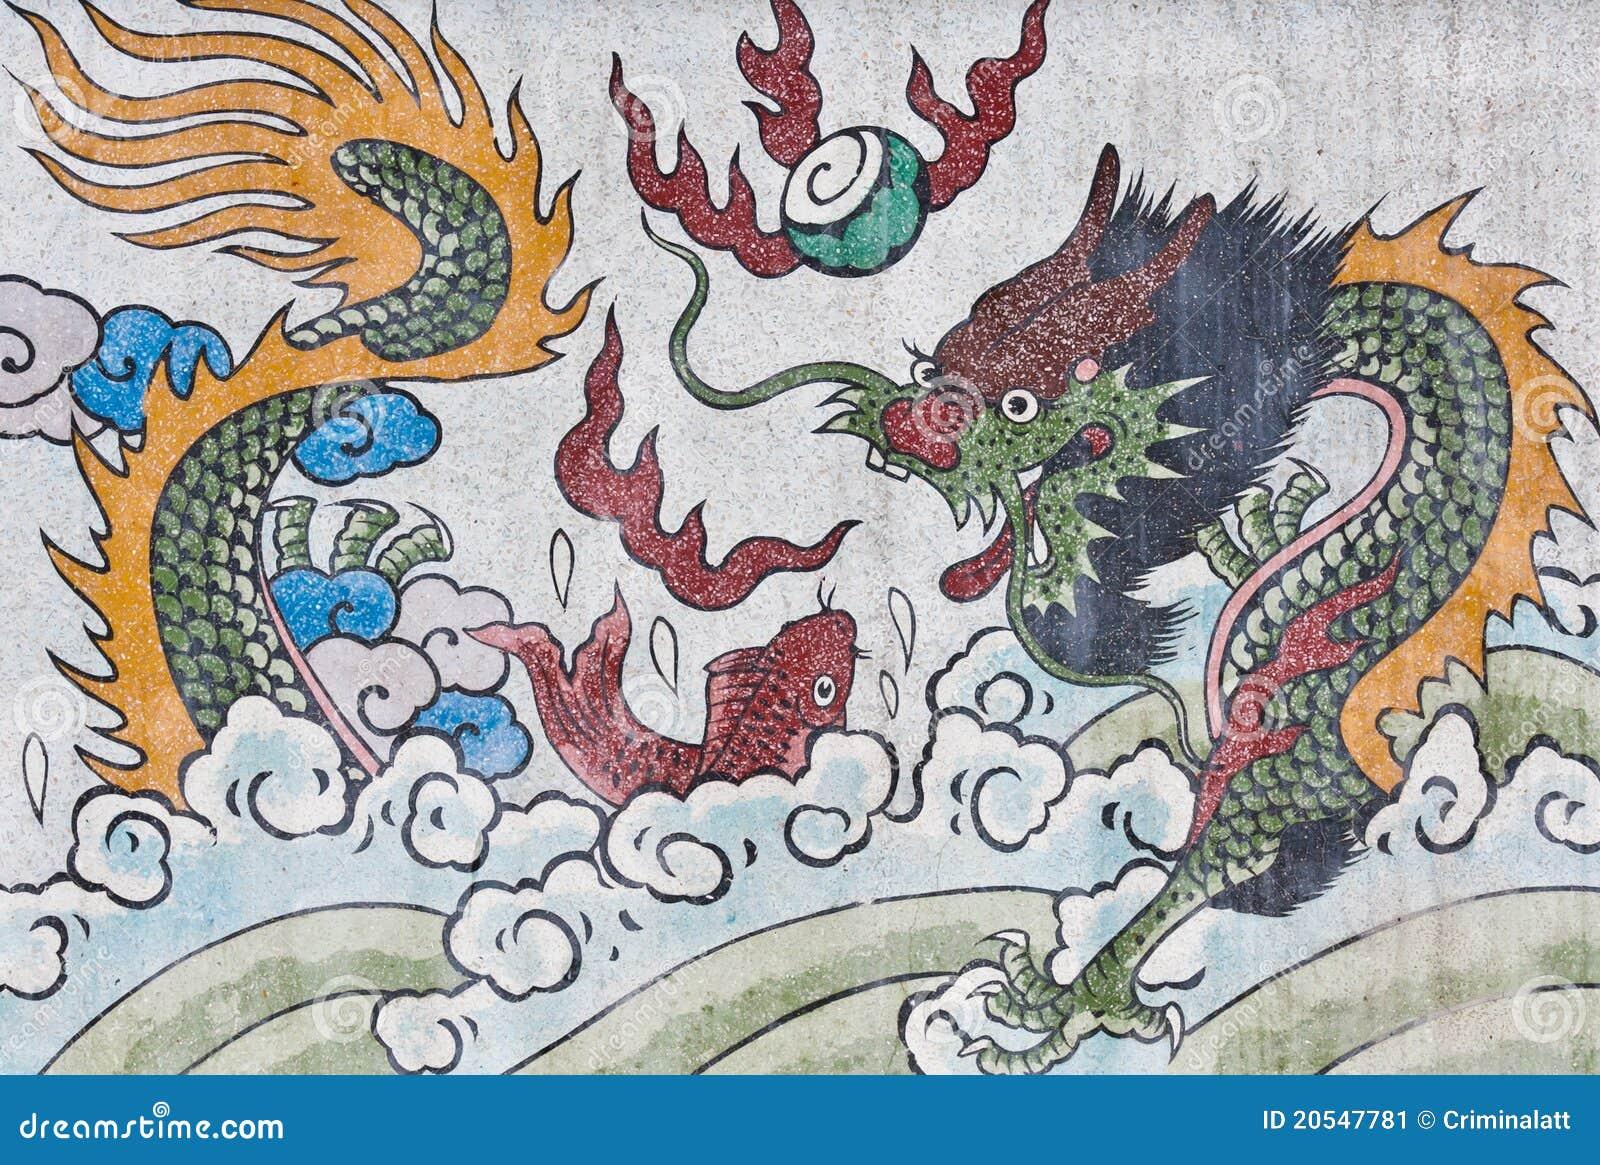 中国龙鱼mable绘画寺庙墙壁.图片